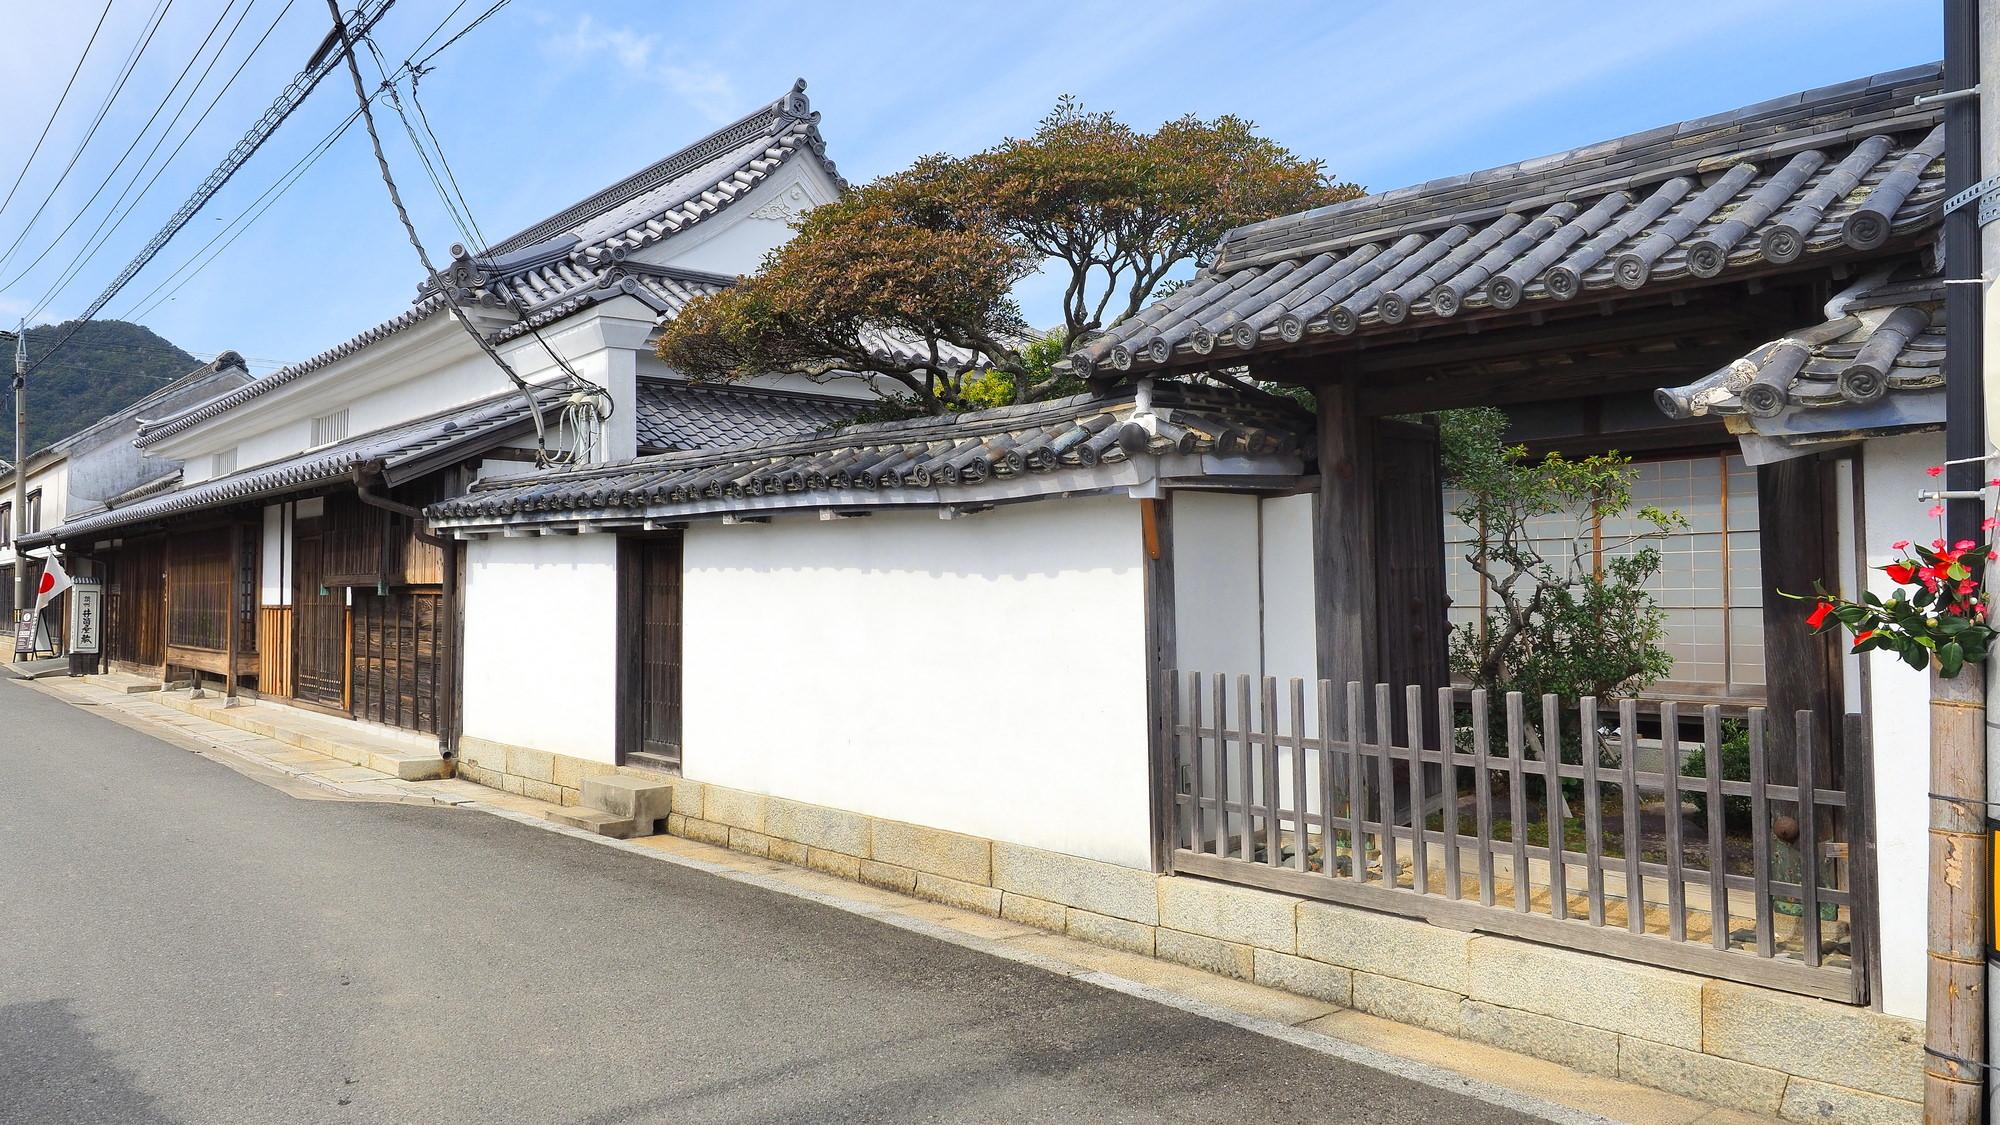 讃州井筒屋敷と引田の町並み